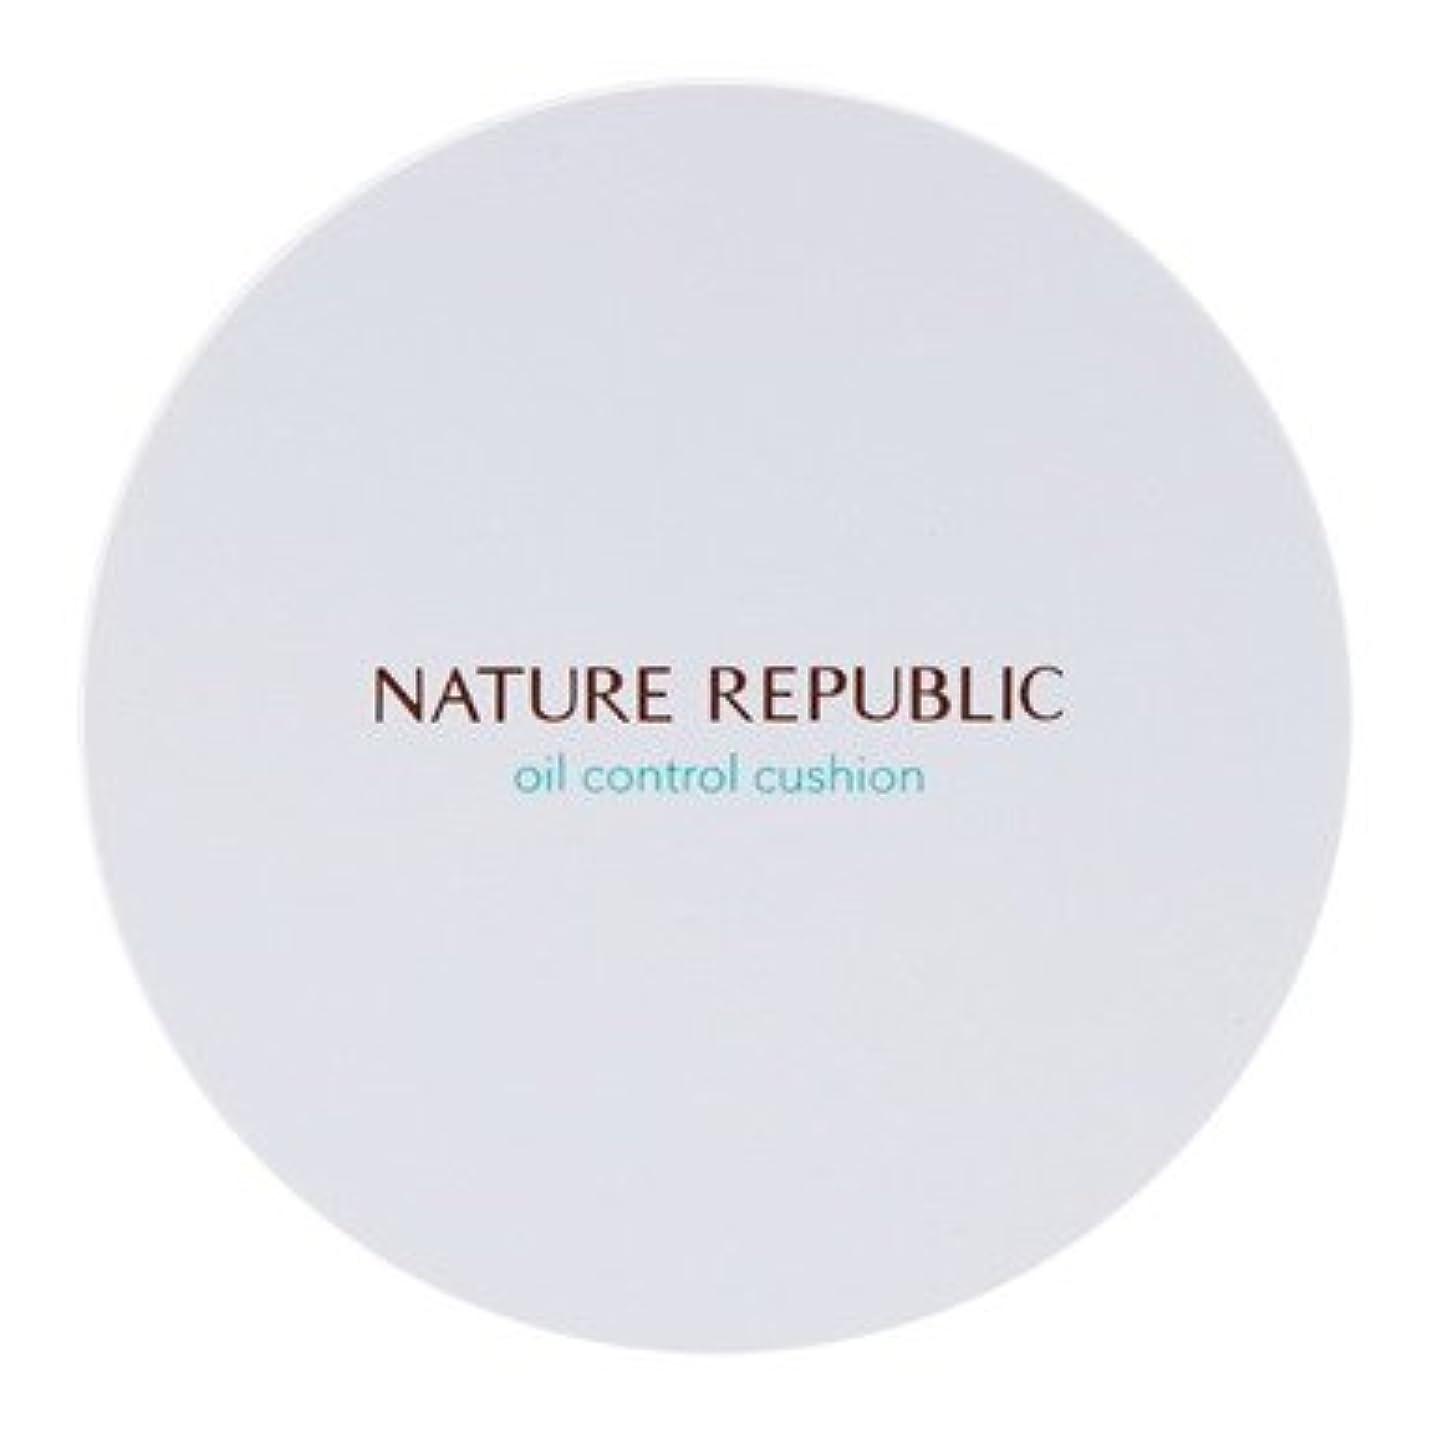 残基インストール後ろに【NATURE REPUBLIC (ネイチャーリパブリック)】プロヴァンス エアスキンフィット オイルコントロール クッション 15g (SPF50+/ PA+++)(2カラー選択1) (02 ナチュラルベージュ) [並行輸入品]